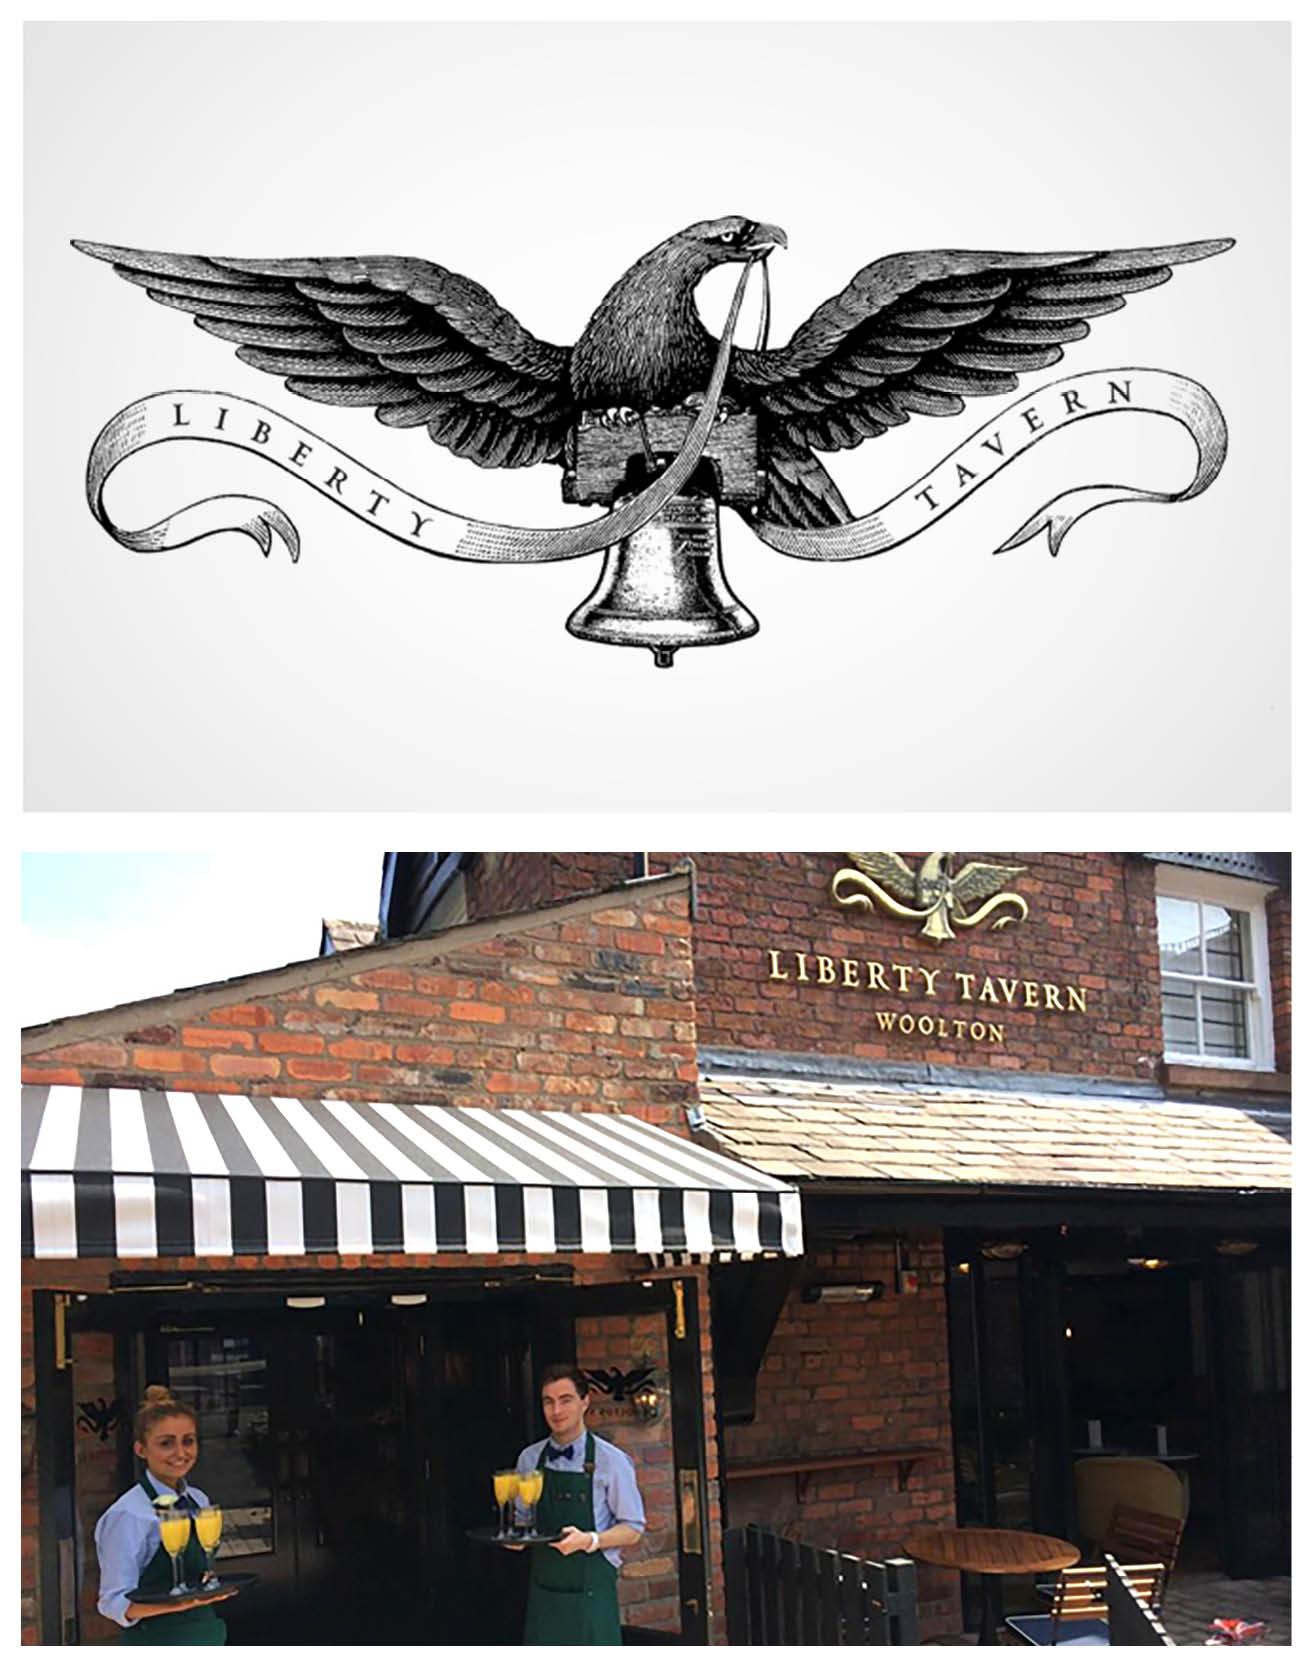 Liberty-Tavern-Image-Layout.jpg